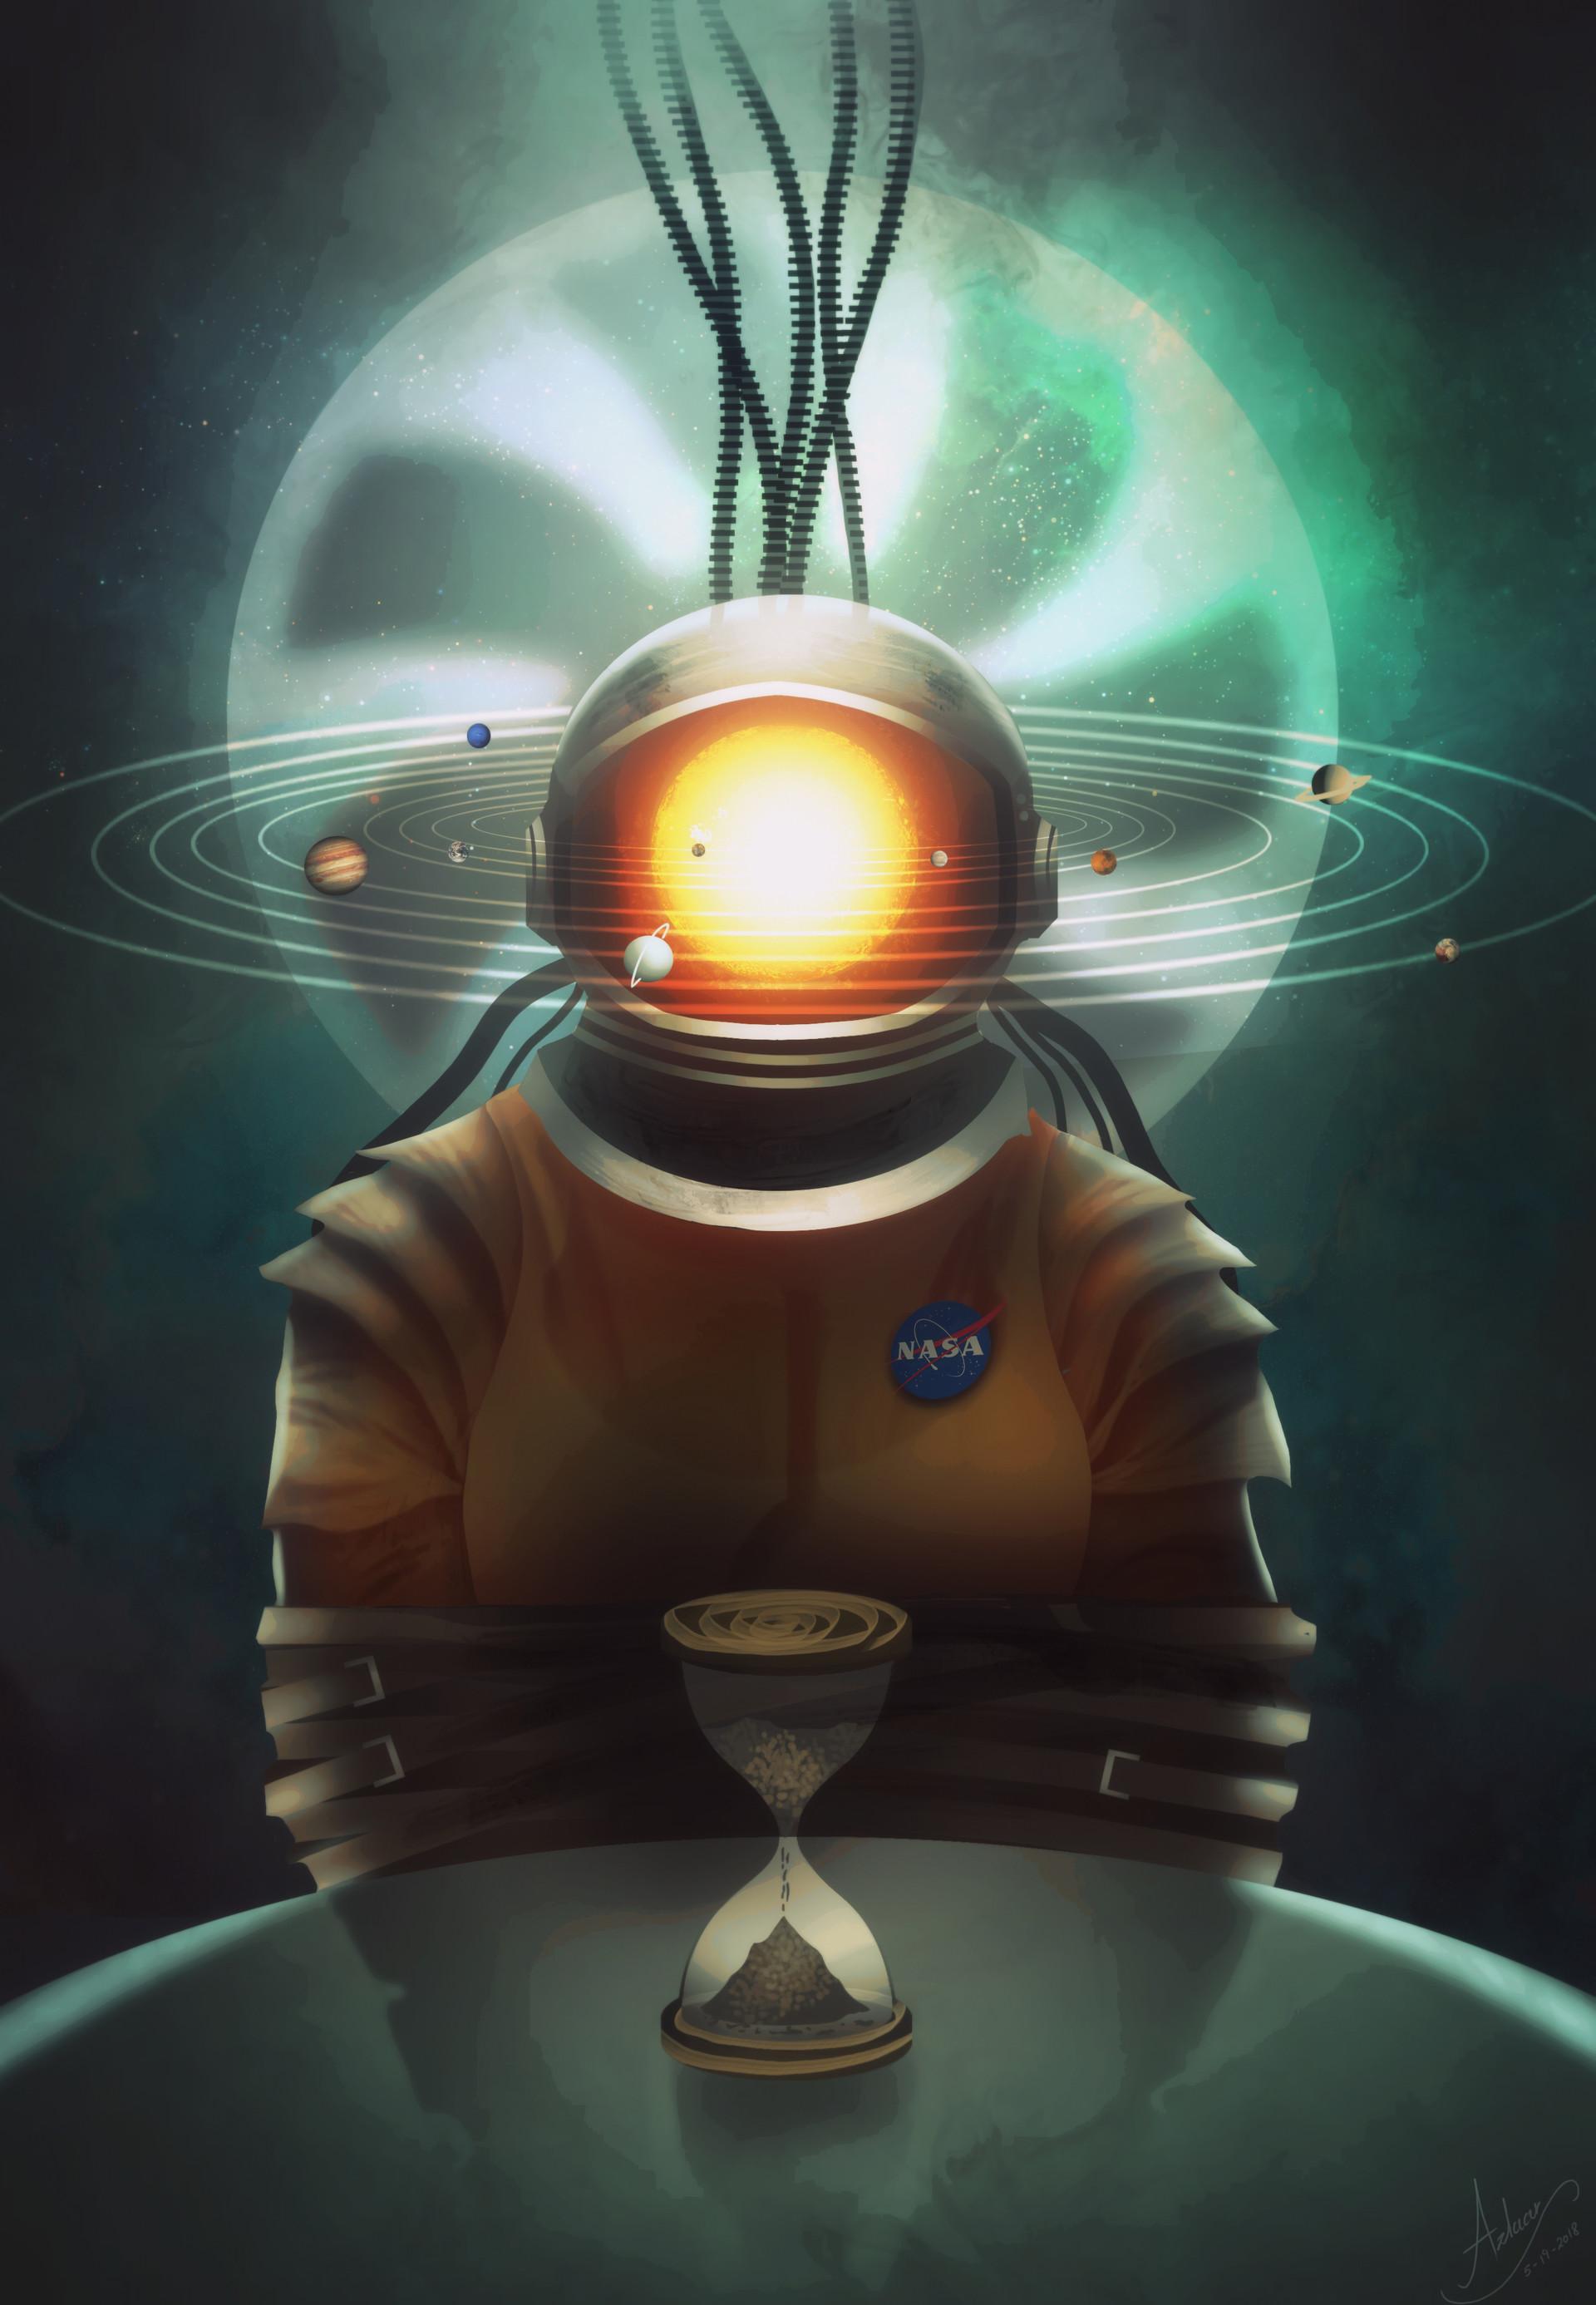 147454 Hintergrundbild herunterladen Kunst, Universum, Kosmonaut, Kosmonauten, Surrealismus, Sonnensystem, Solaranlage, Sanduhr - Bildschirmschoner und Bilder kostenlos